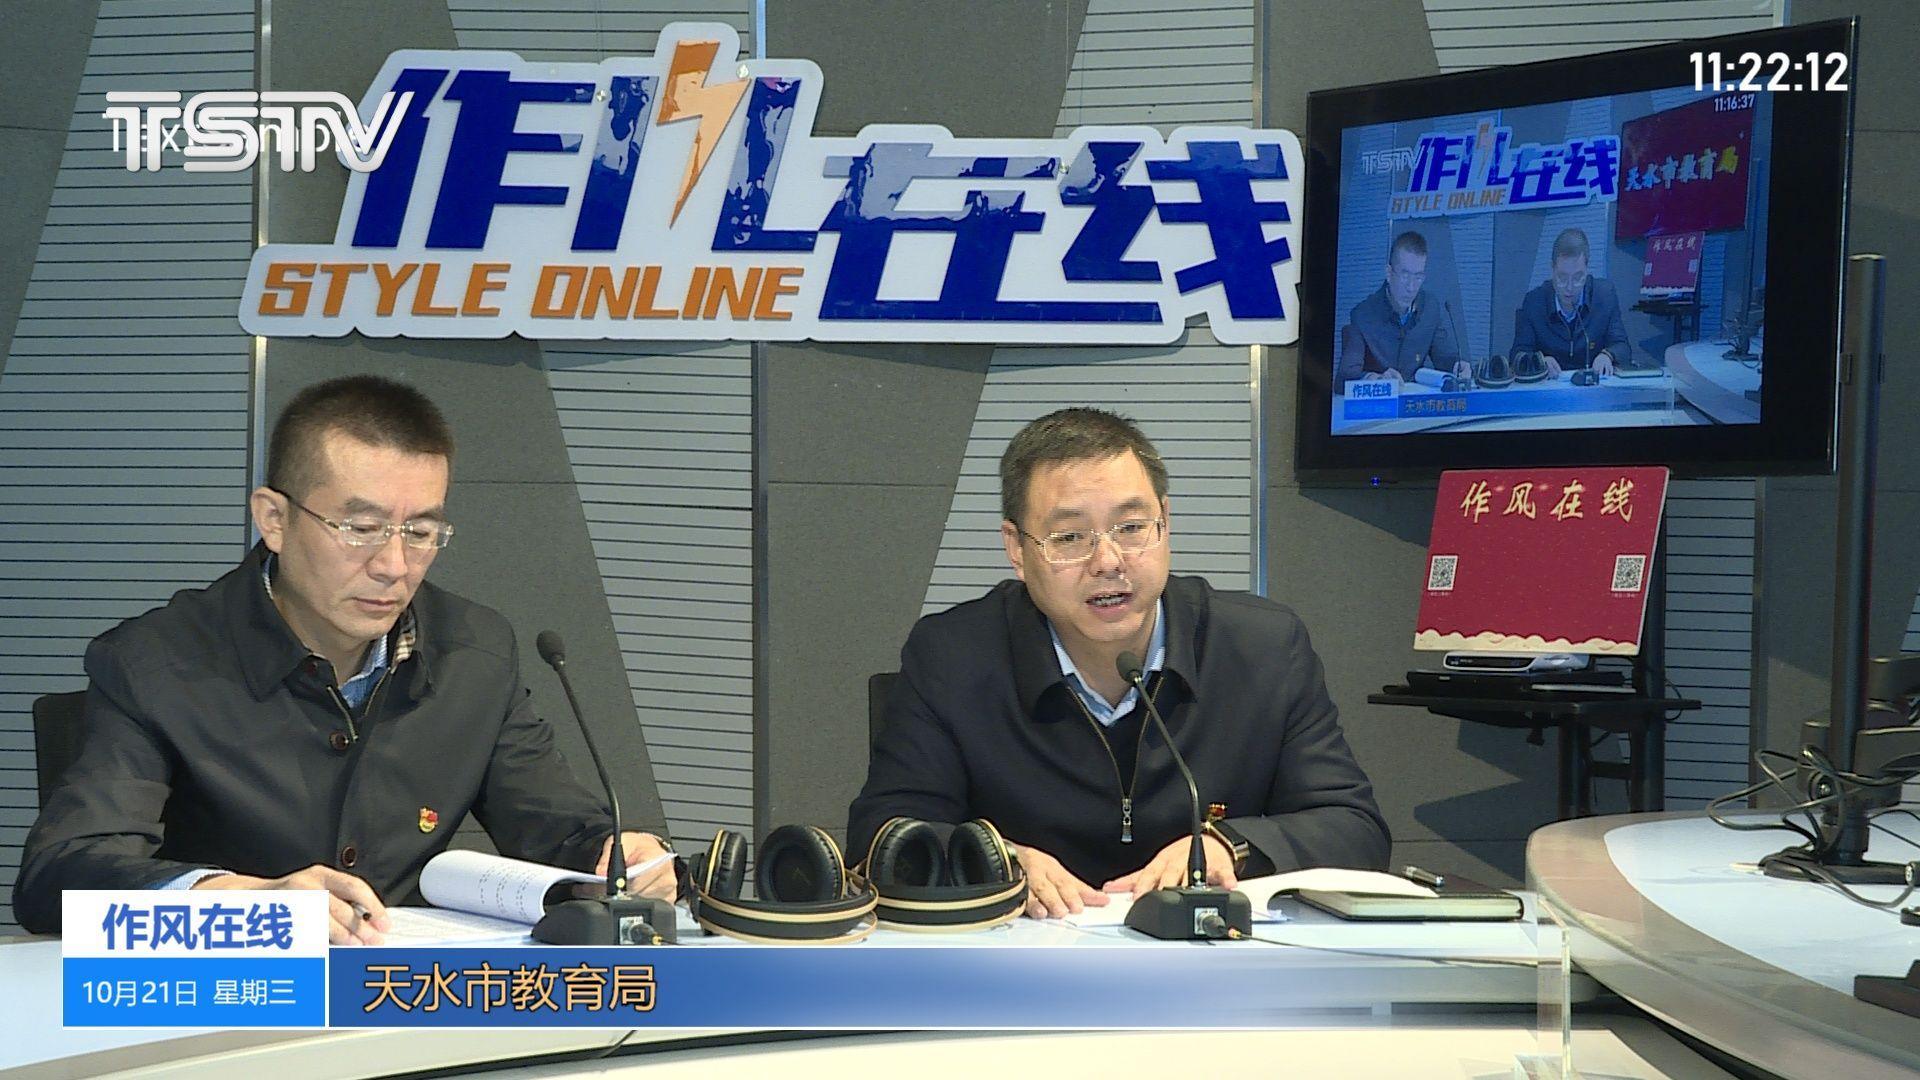 10月21日 fun88乐天堂官网体育市教育局上线